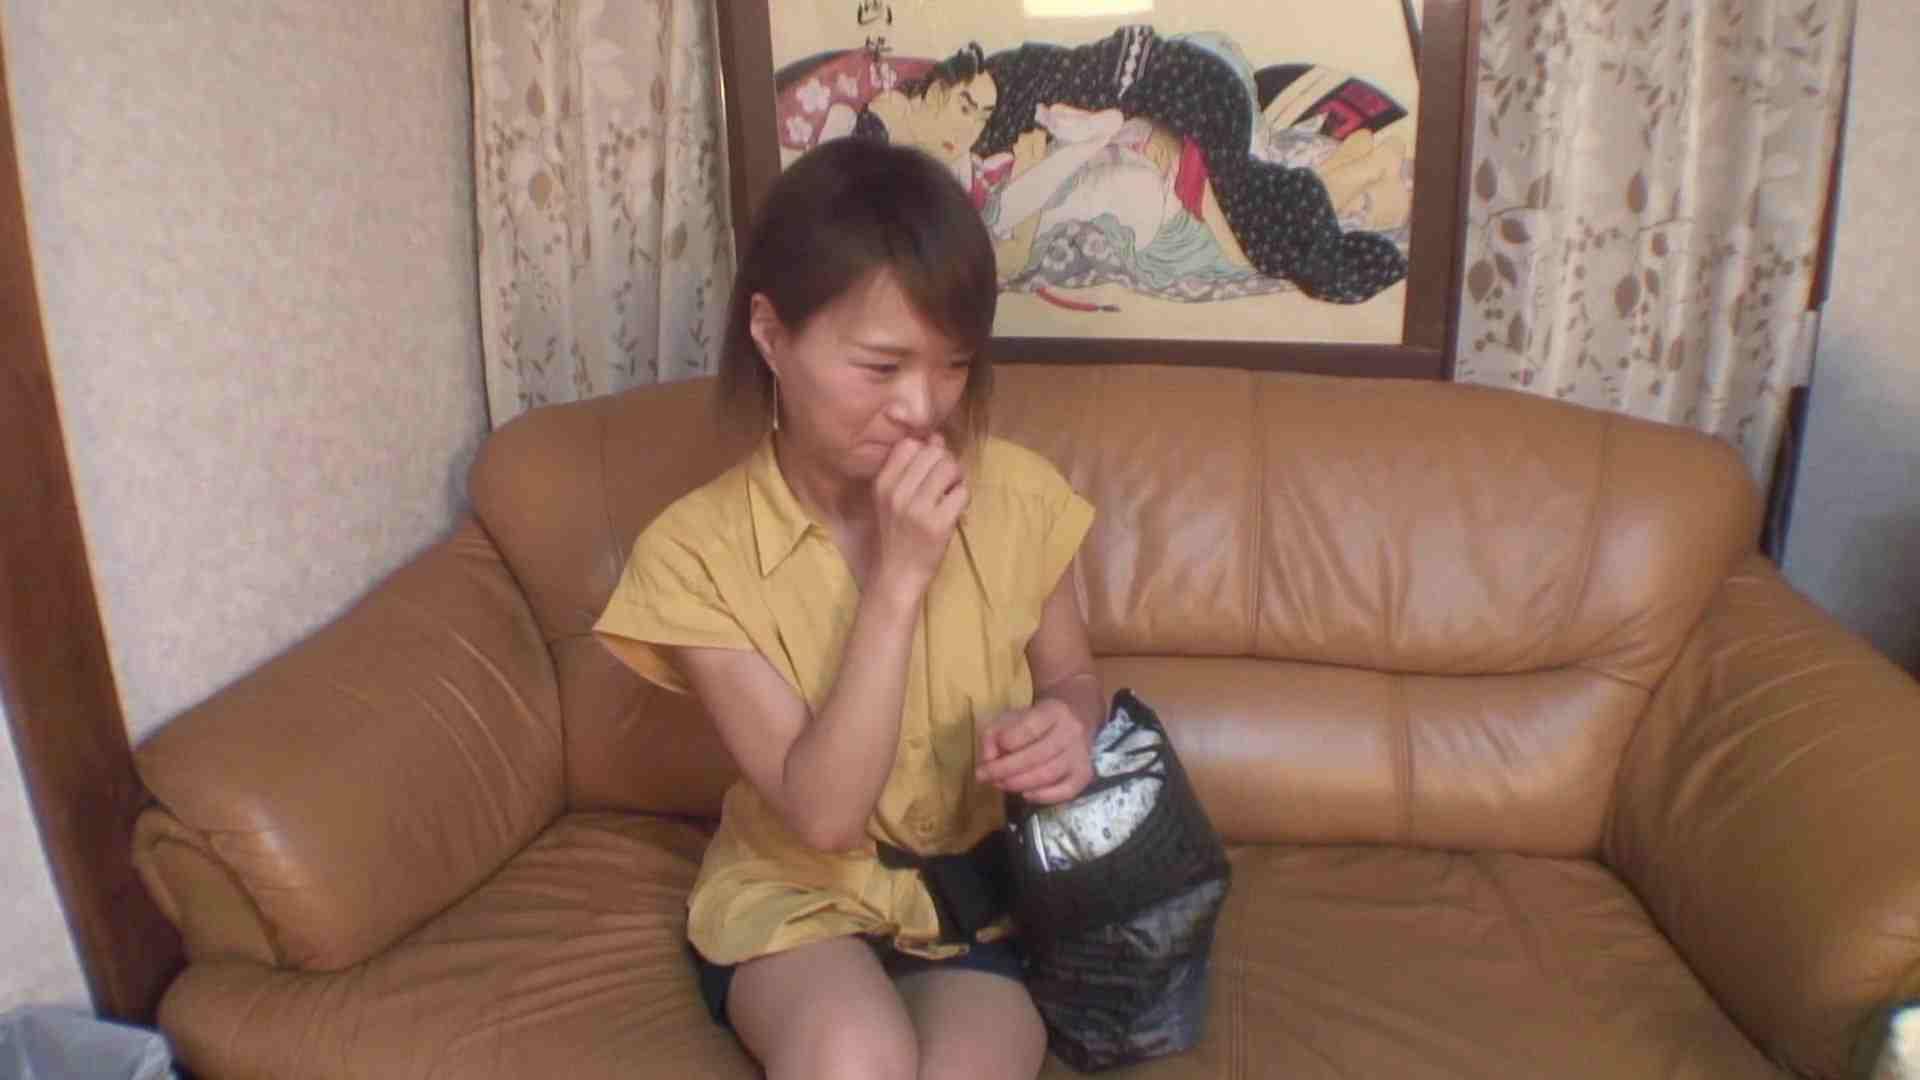 鬼才沖本監督作品 フェラしか出来ない女 フェラ・シーン セックス画像 86枚 25